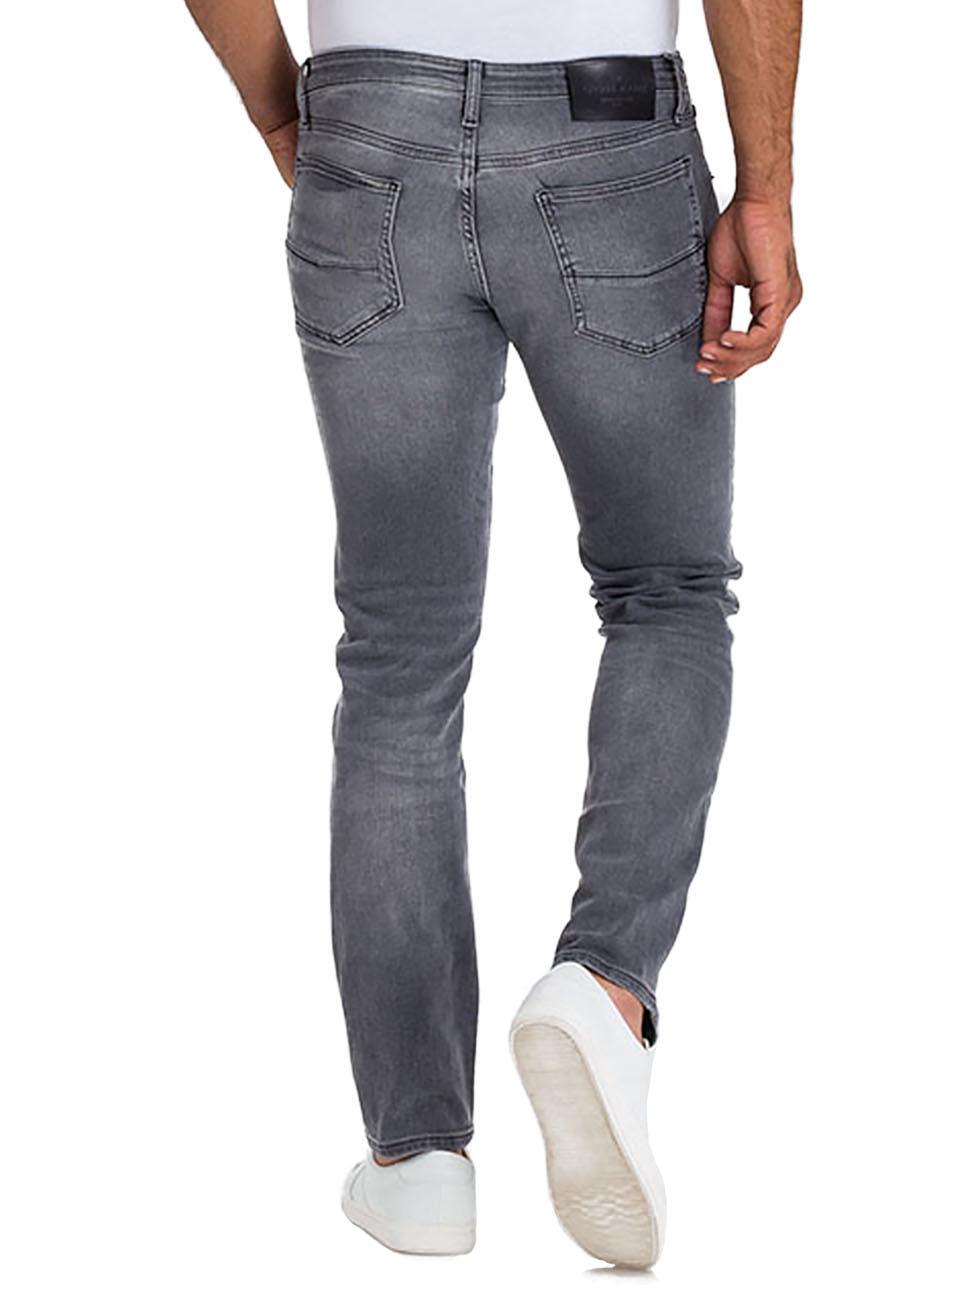 cross-jeans-herren-jeans-damien-slim-fit-grau-grey-used